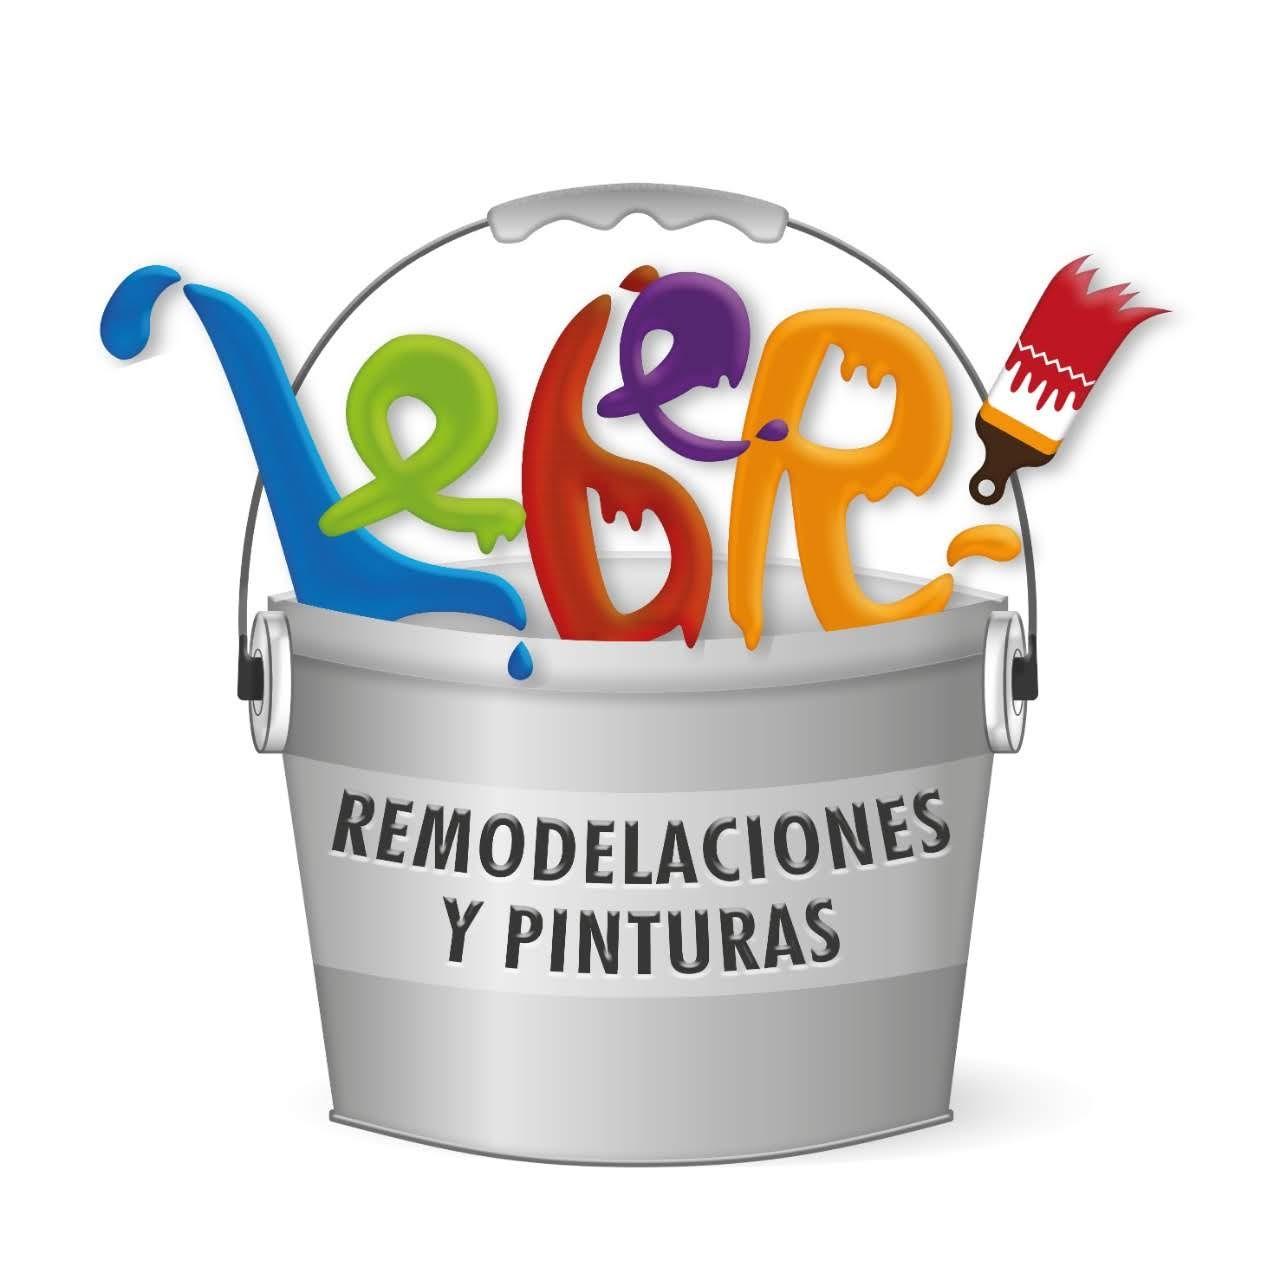 Remodelaciones y Pinturas Leber